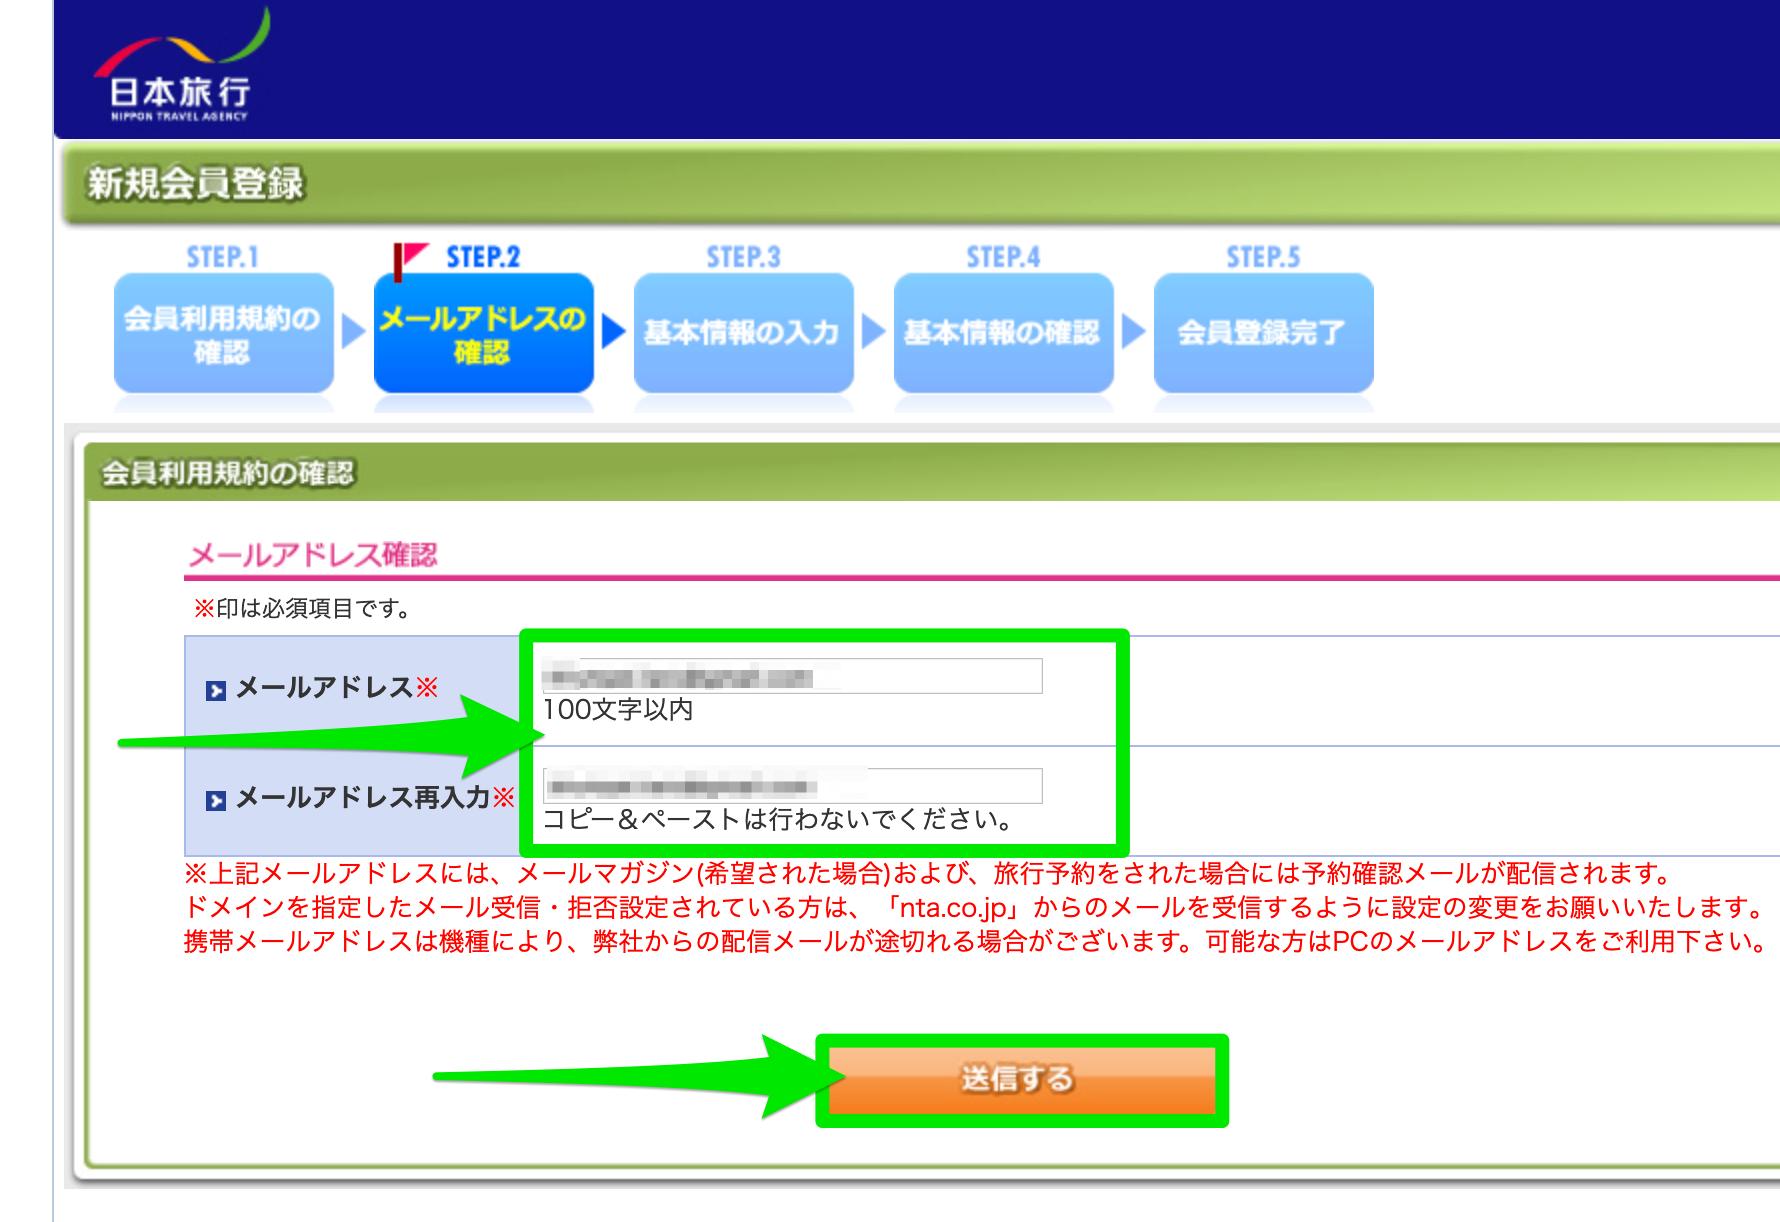 日本旅行の無料会員登録の手続き